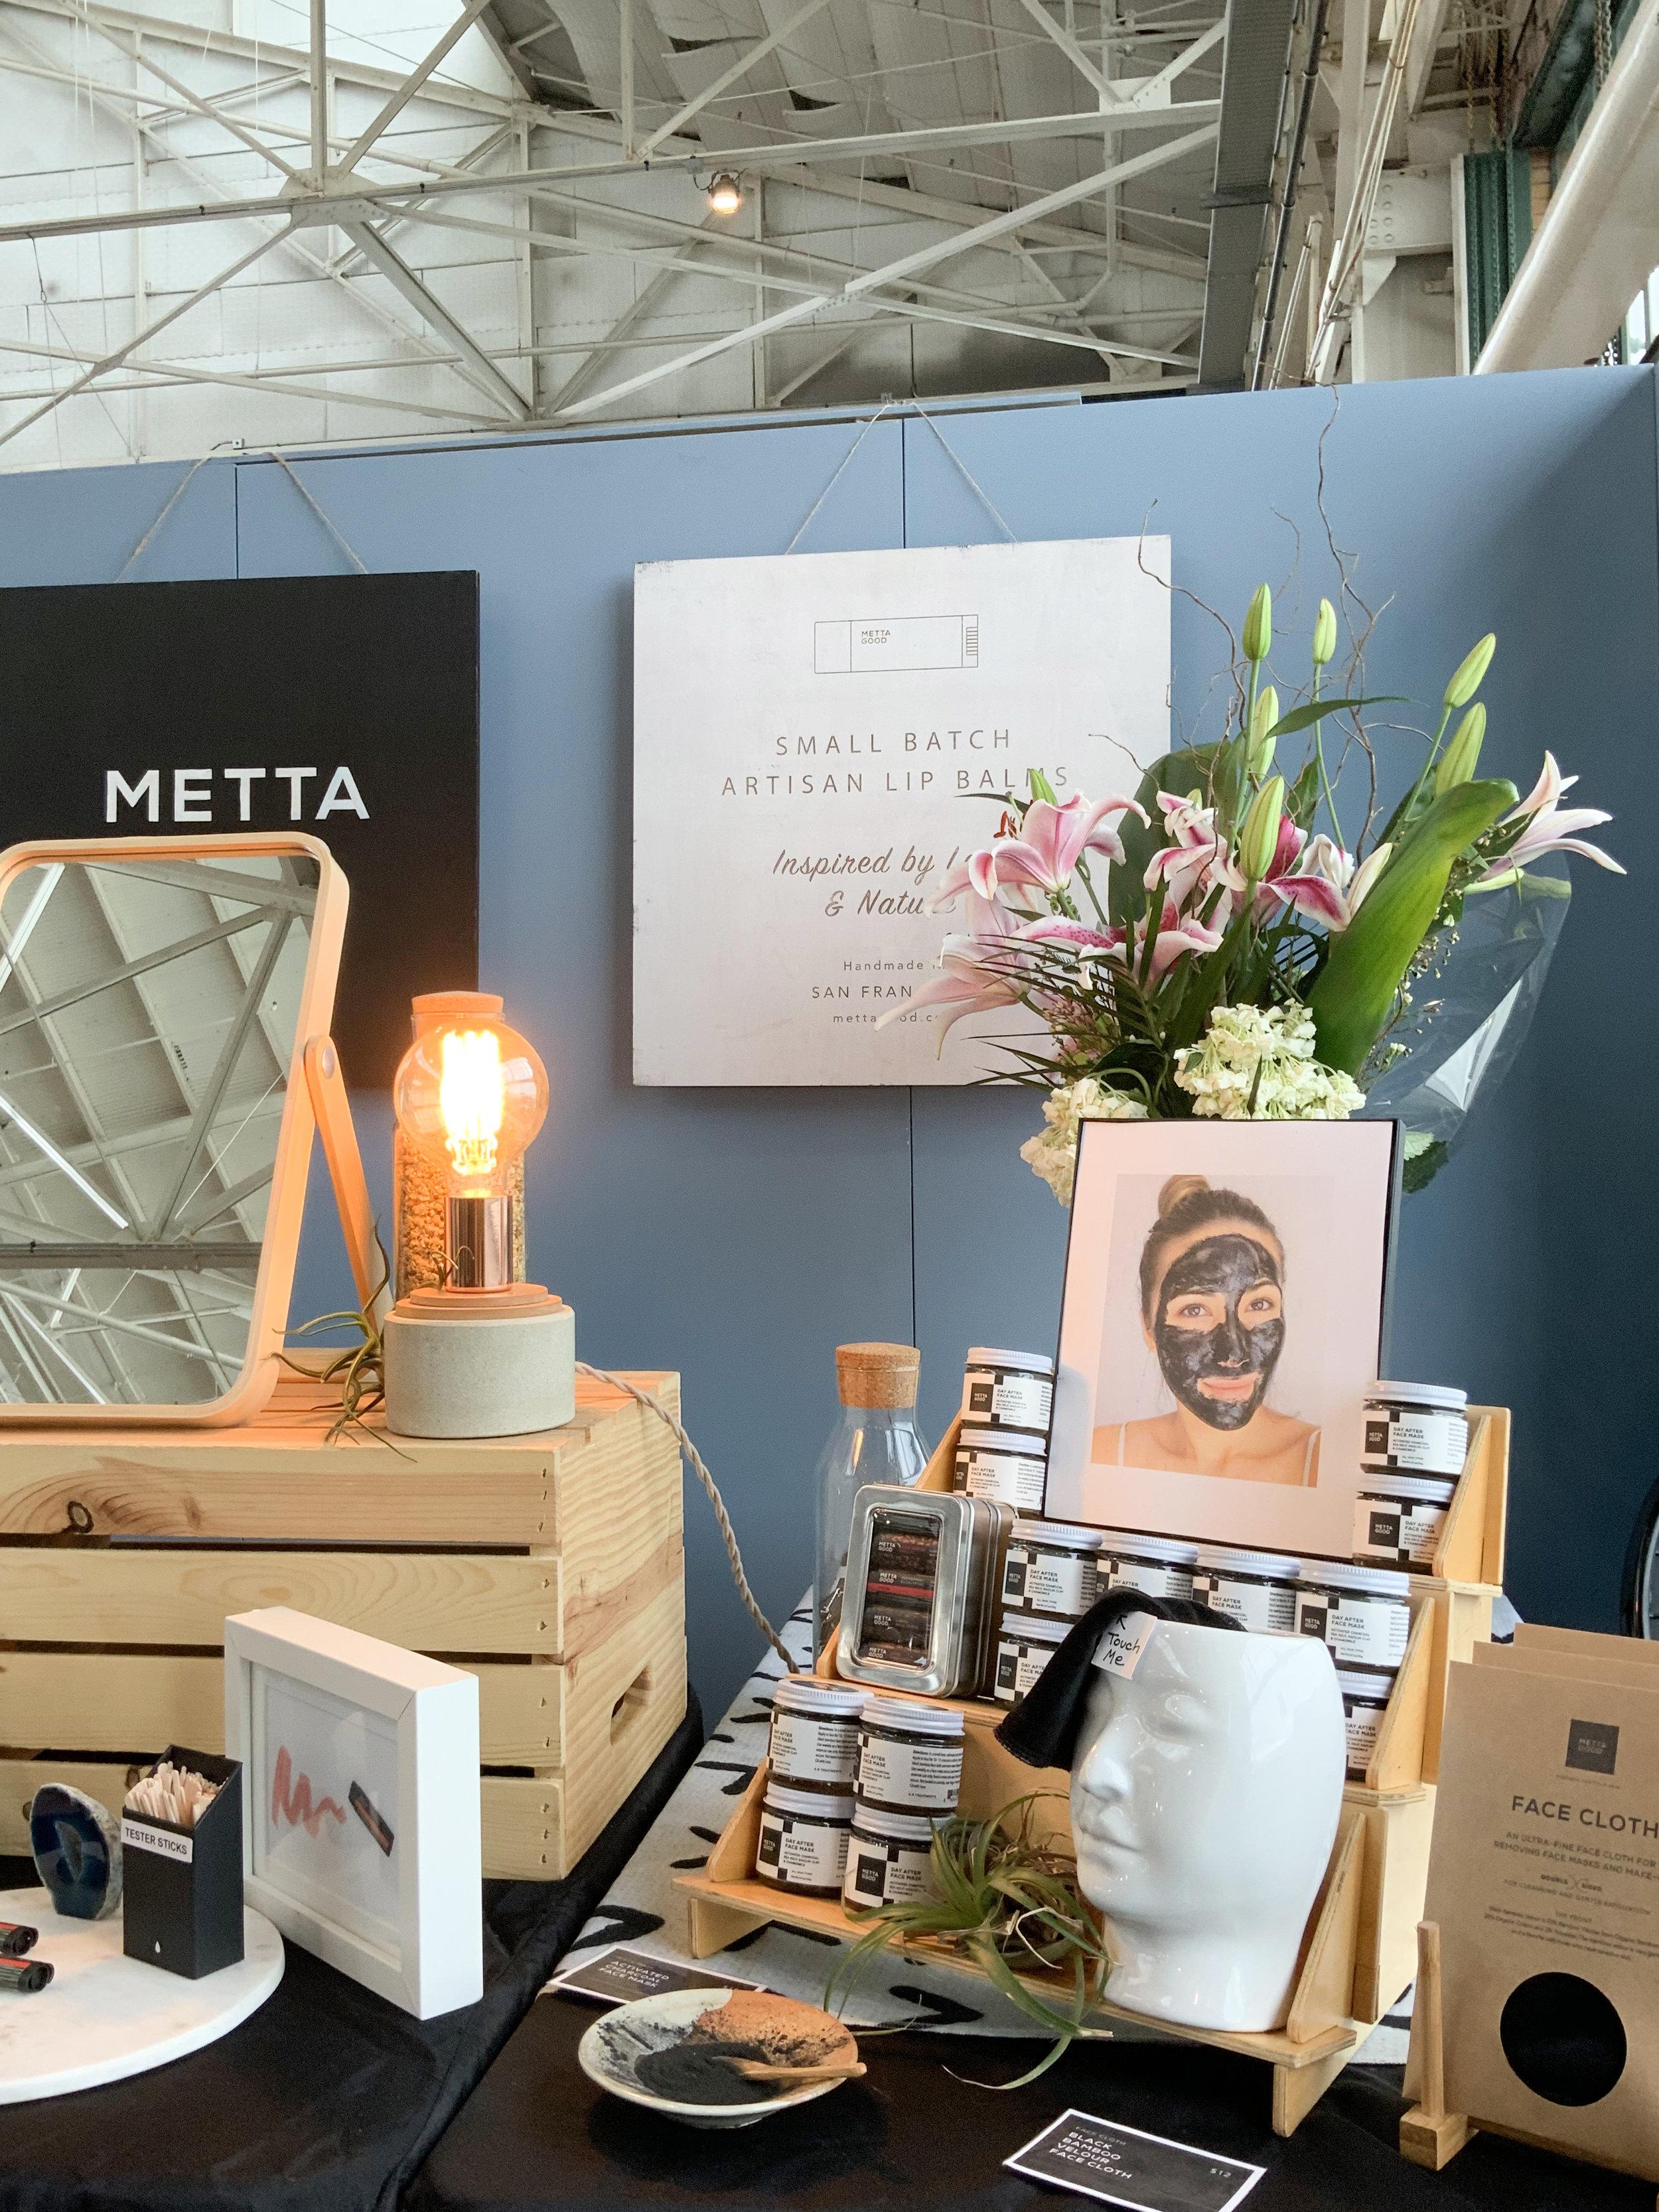 Metta Good Photo Jan 08, 2 49 39 PM.jpg